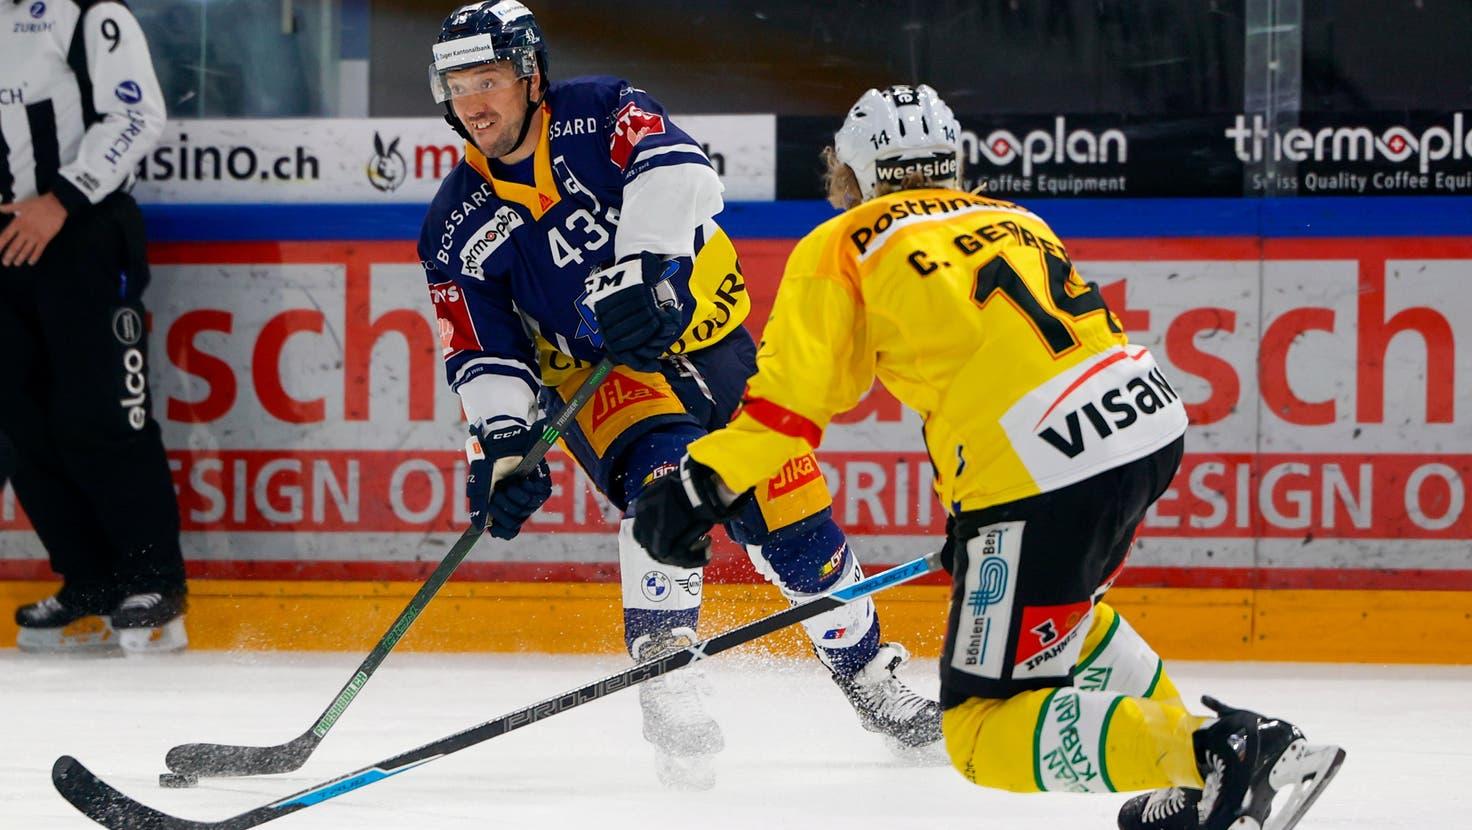 17.04.2021; Zug; Eishockey National League Playoff - EV Zug - SC Bern; Jan Kovar (Zug) gegen Colin Gerber (Bern)  (Marc Schumacher/freshfocus) (Marc Schumacher / freshfocus)